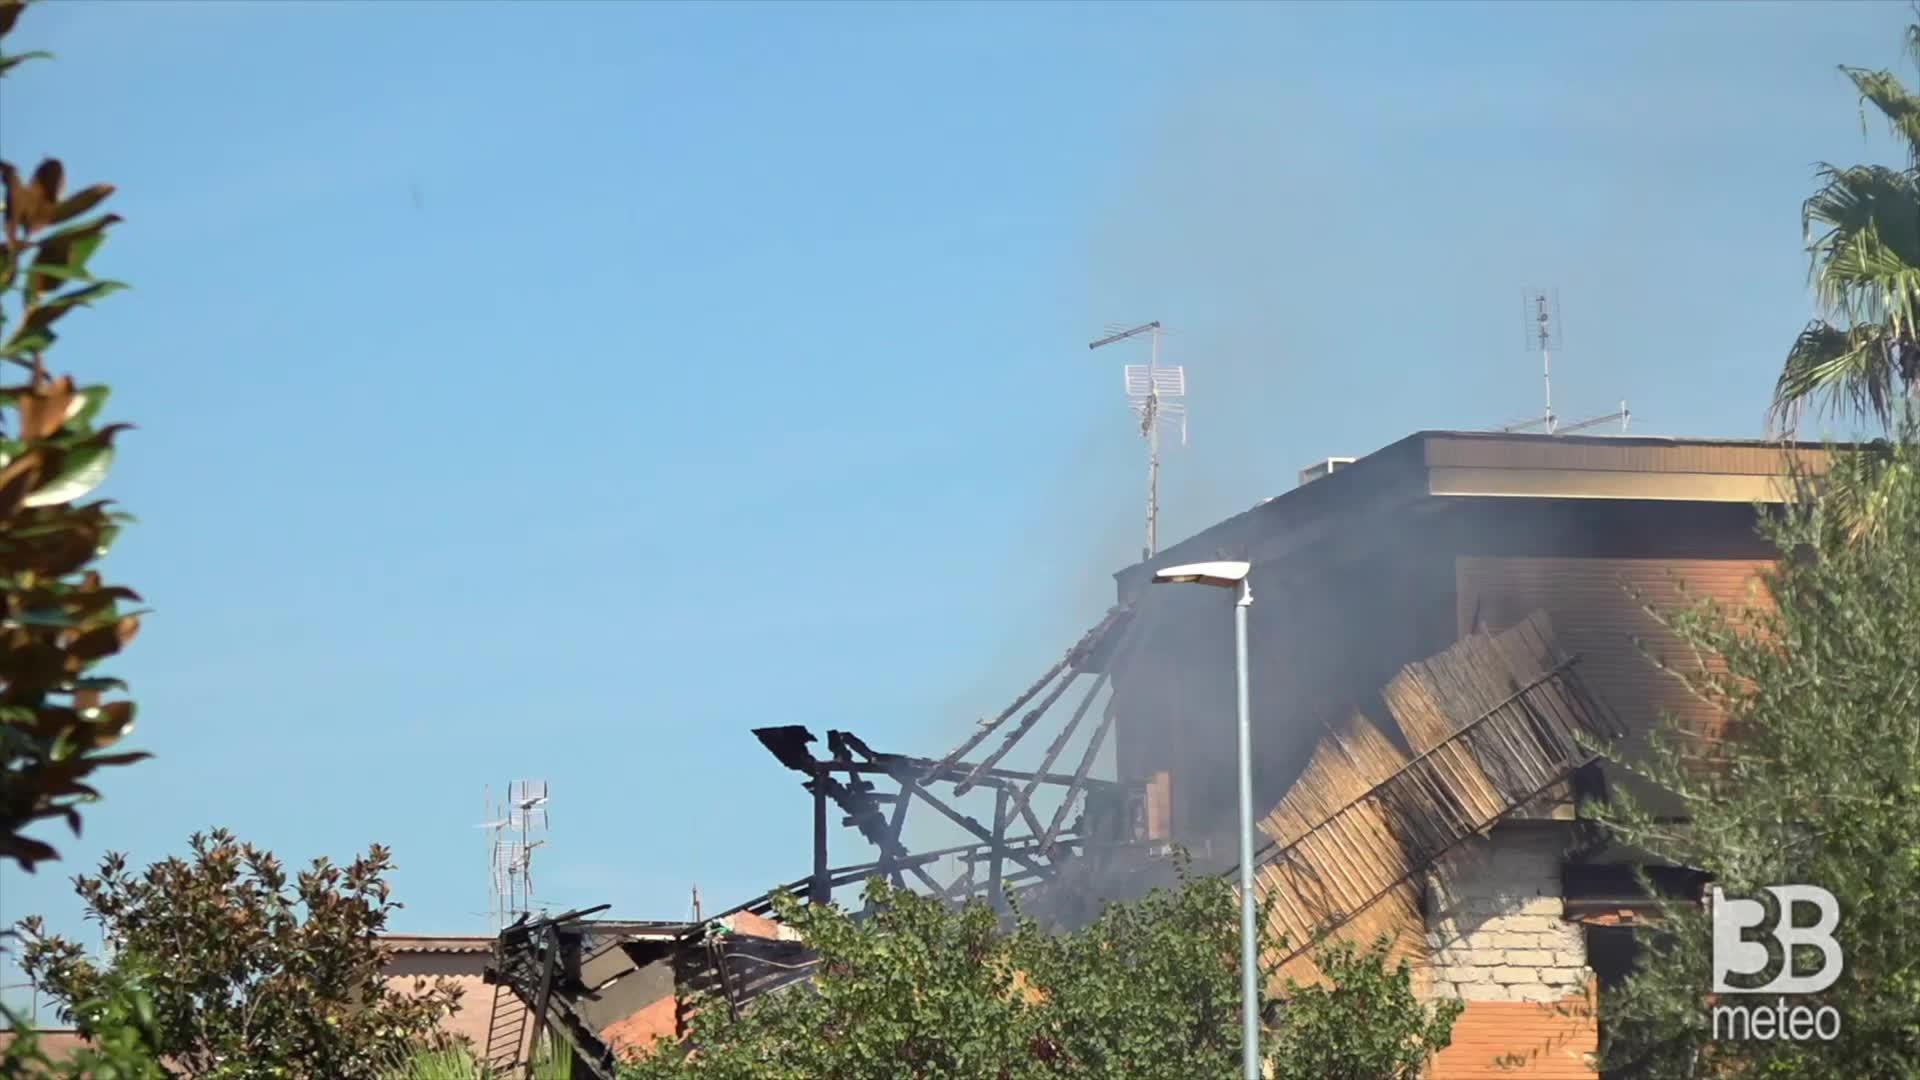 Torre Angela, i danni alla casa: immagini da diversa prospettiva